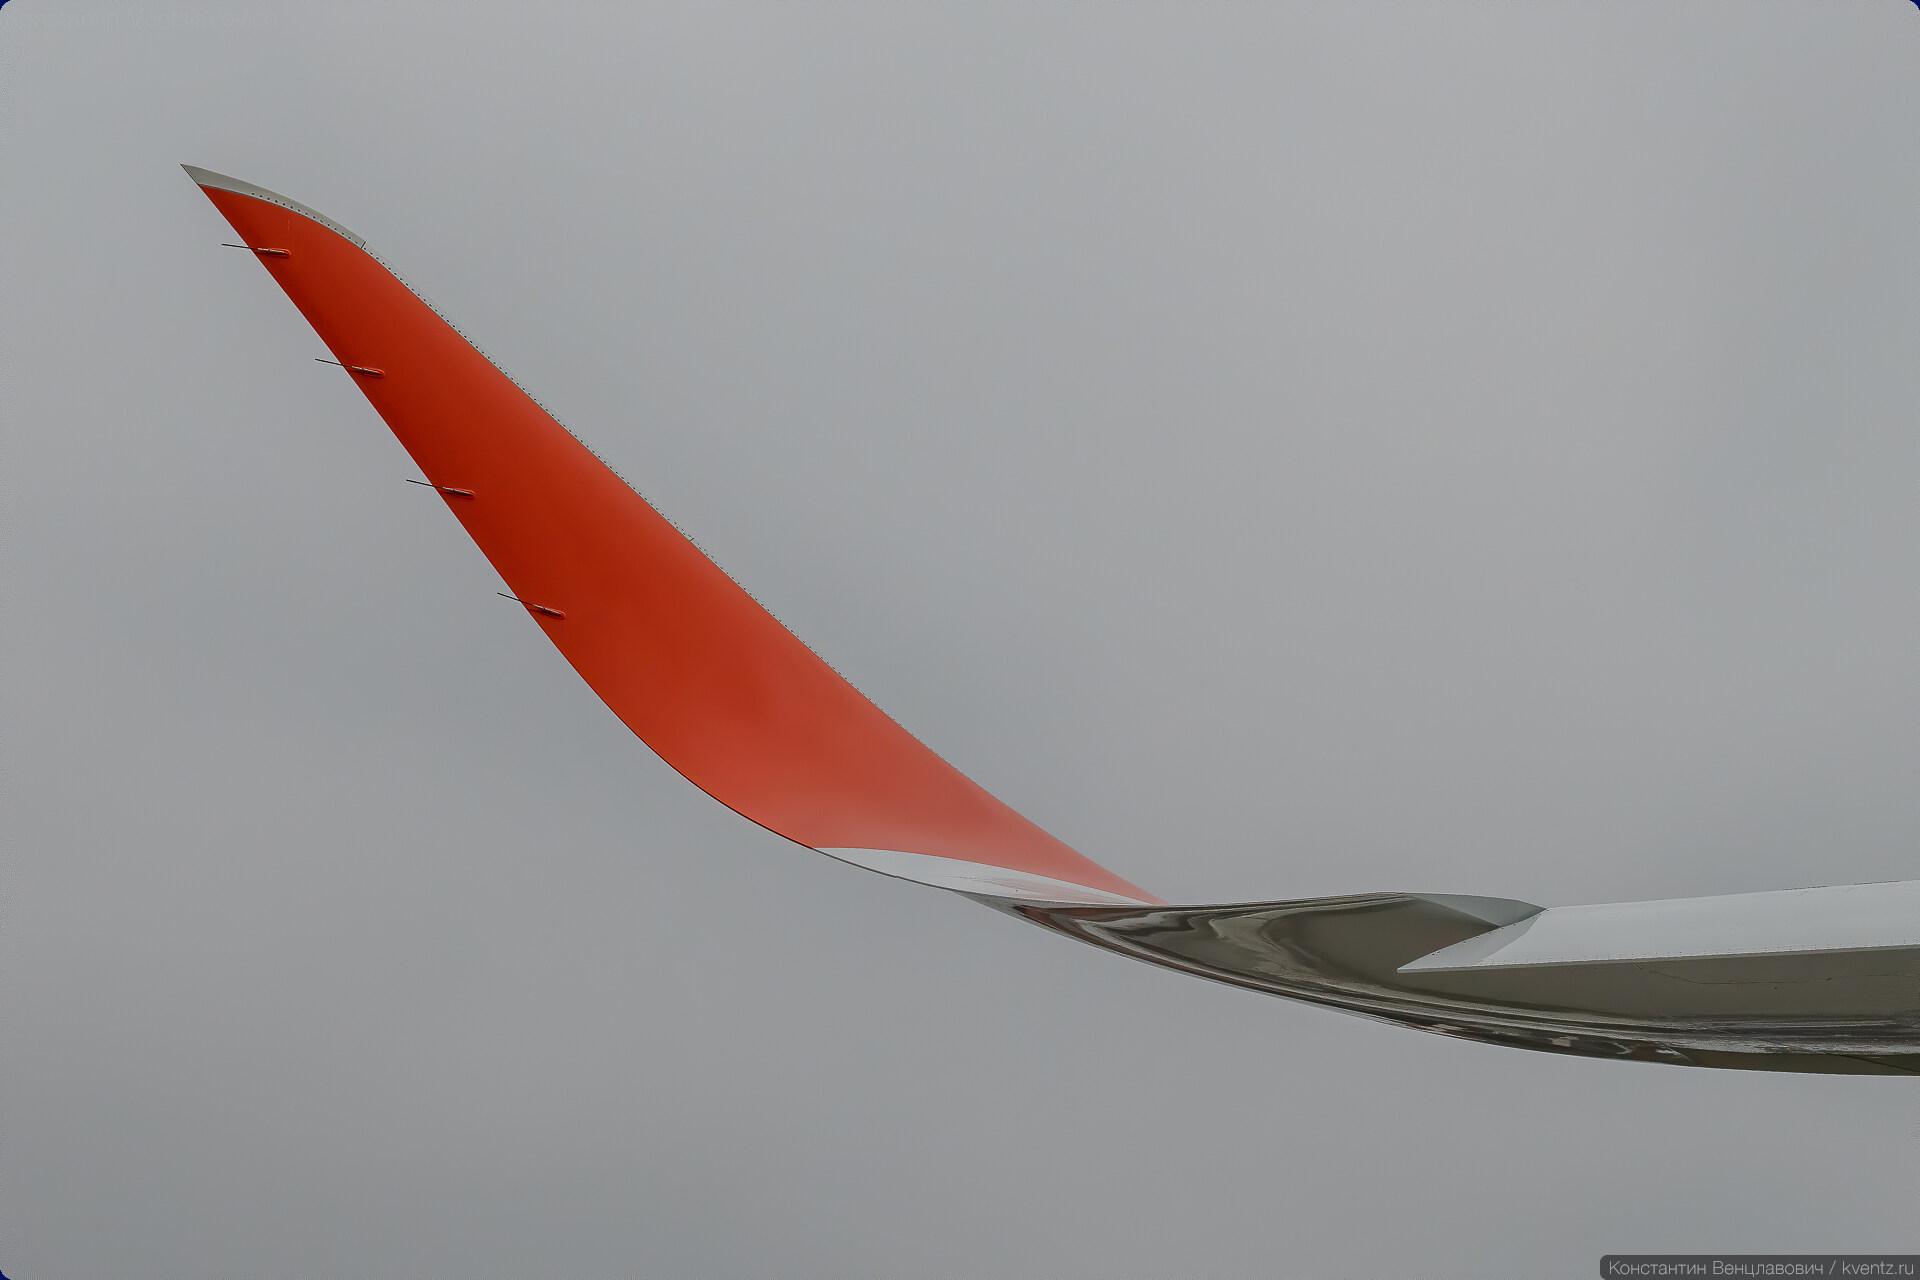 Невообразимо красивый изгиб законцовки крыла A350